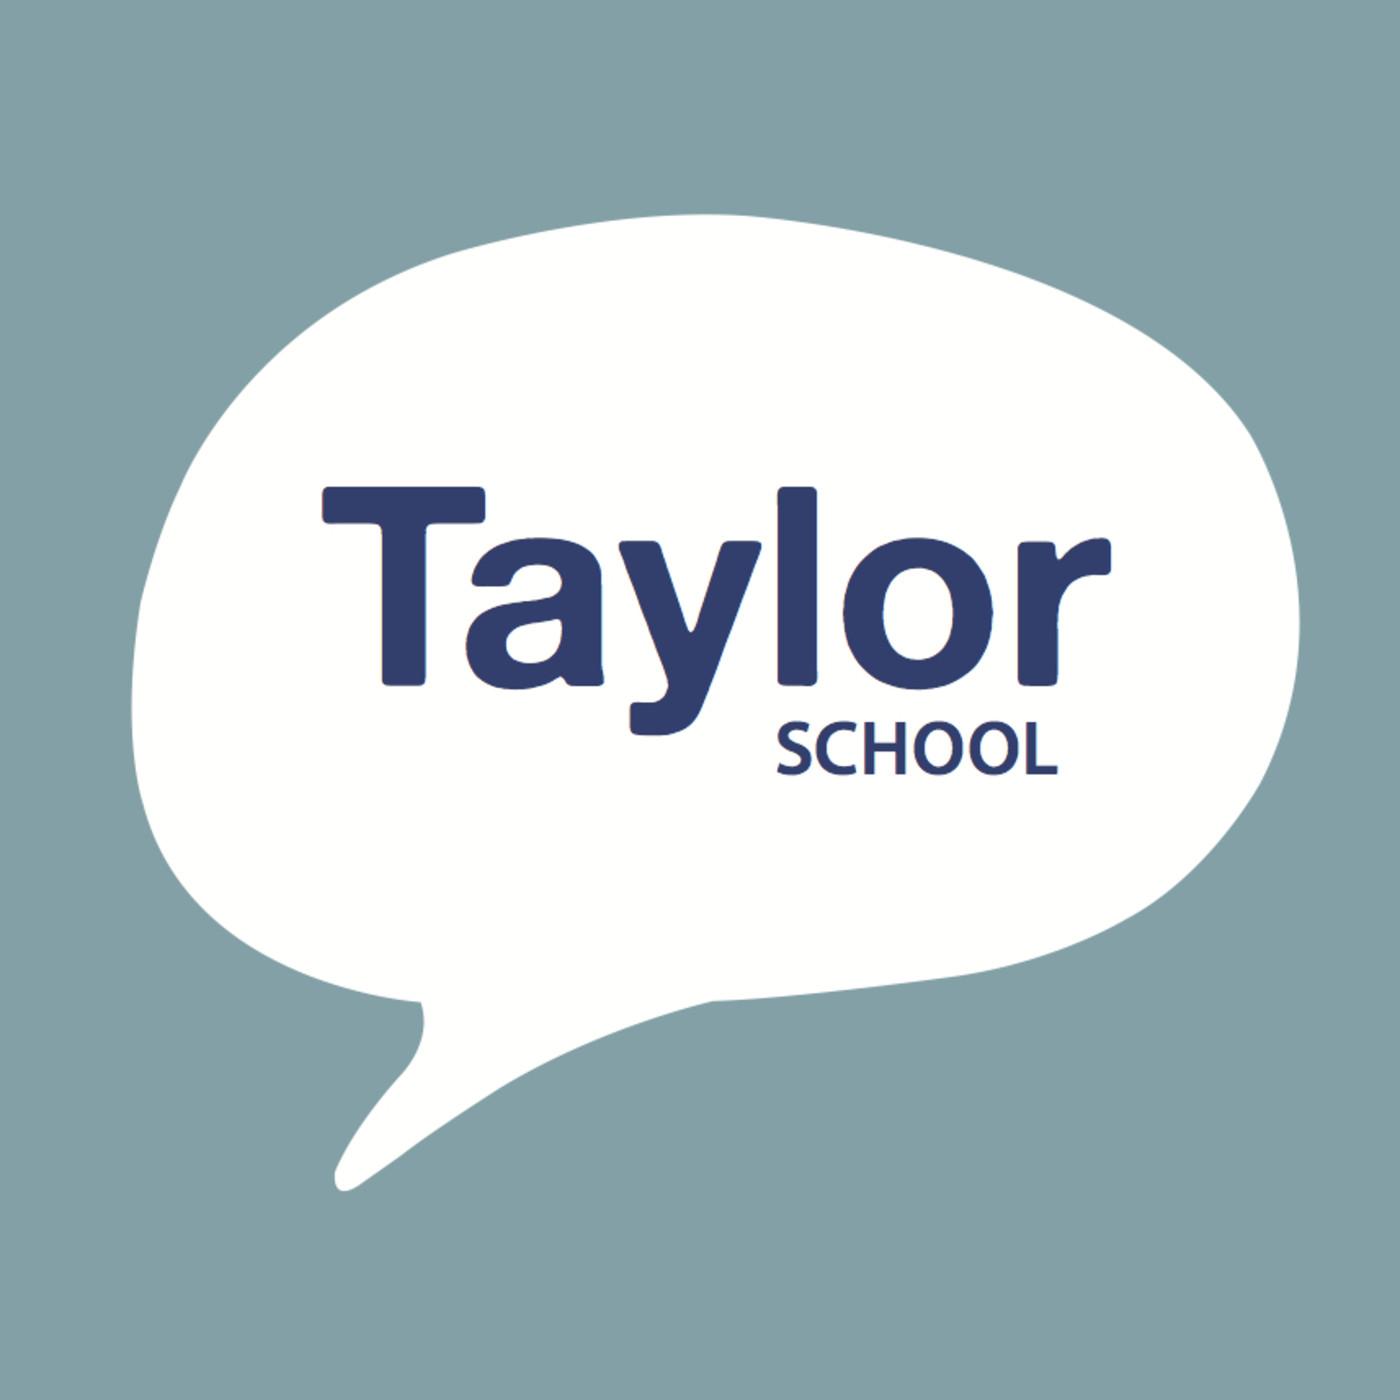 taylorschool